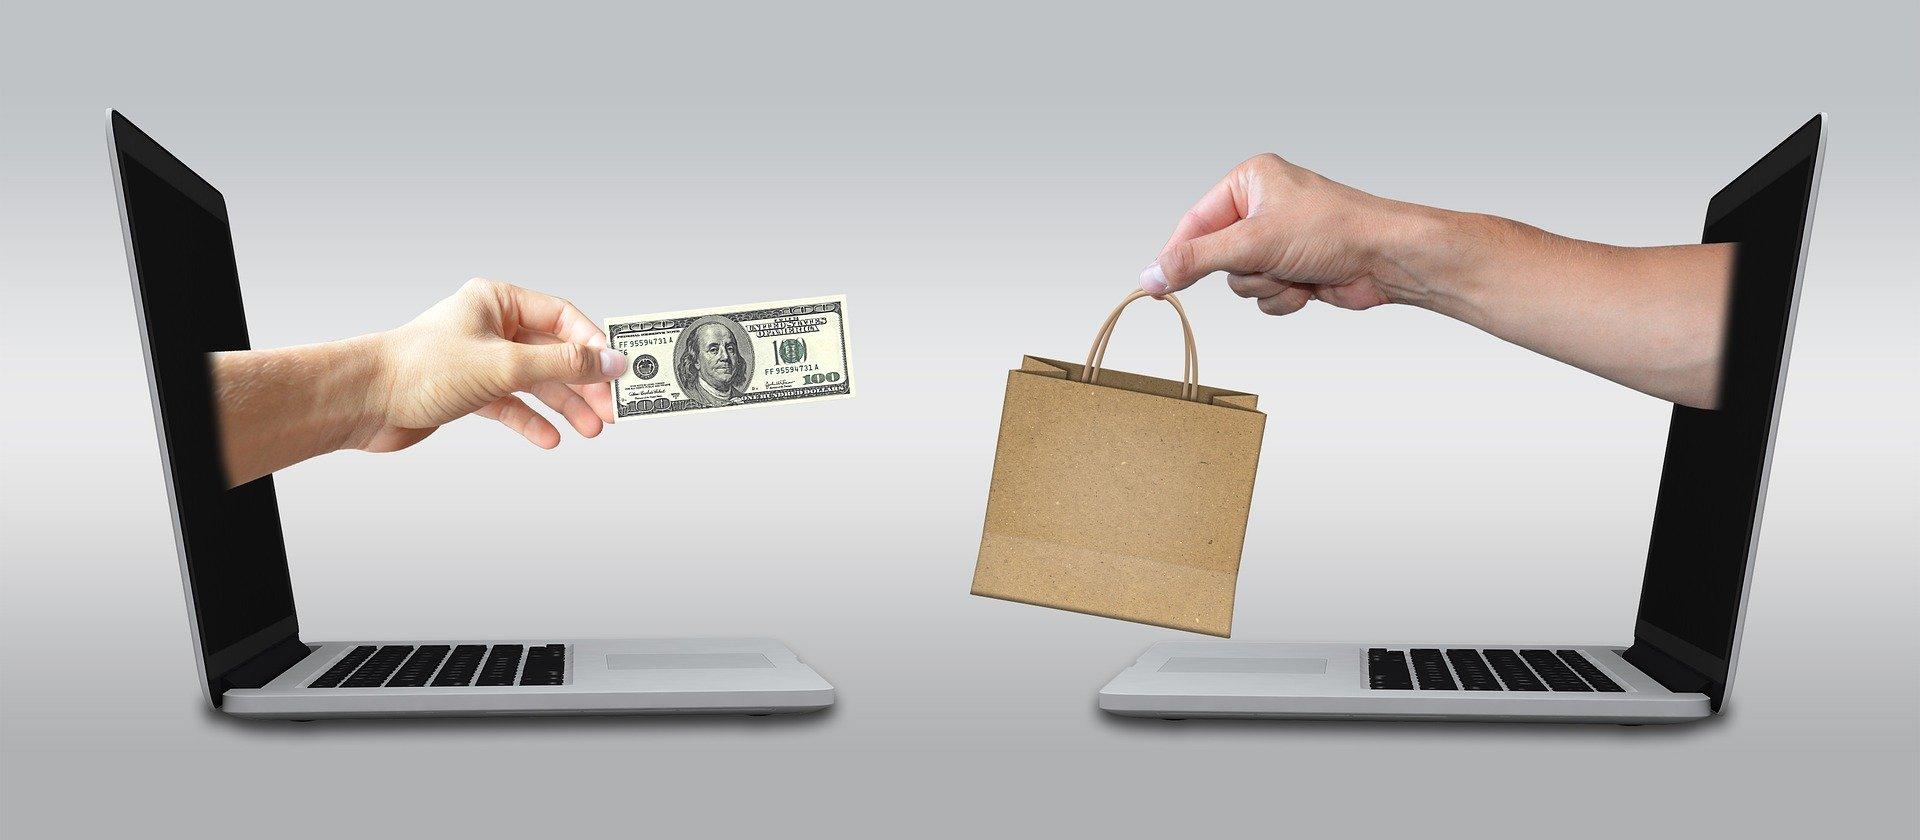 Quels sont les composants de base d'un site e-commerce ?